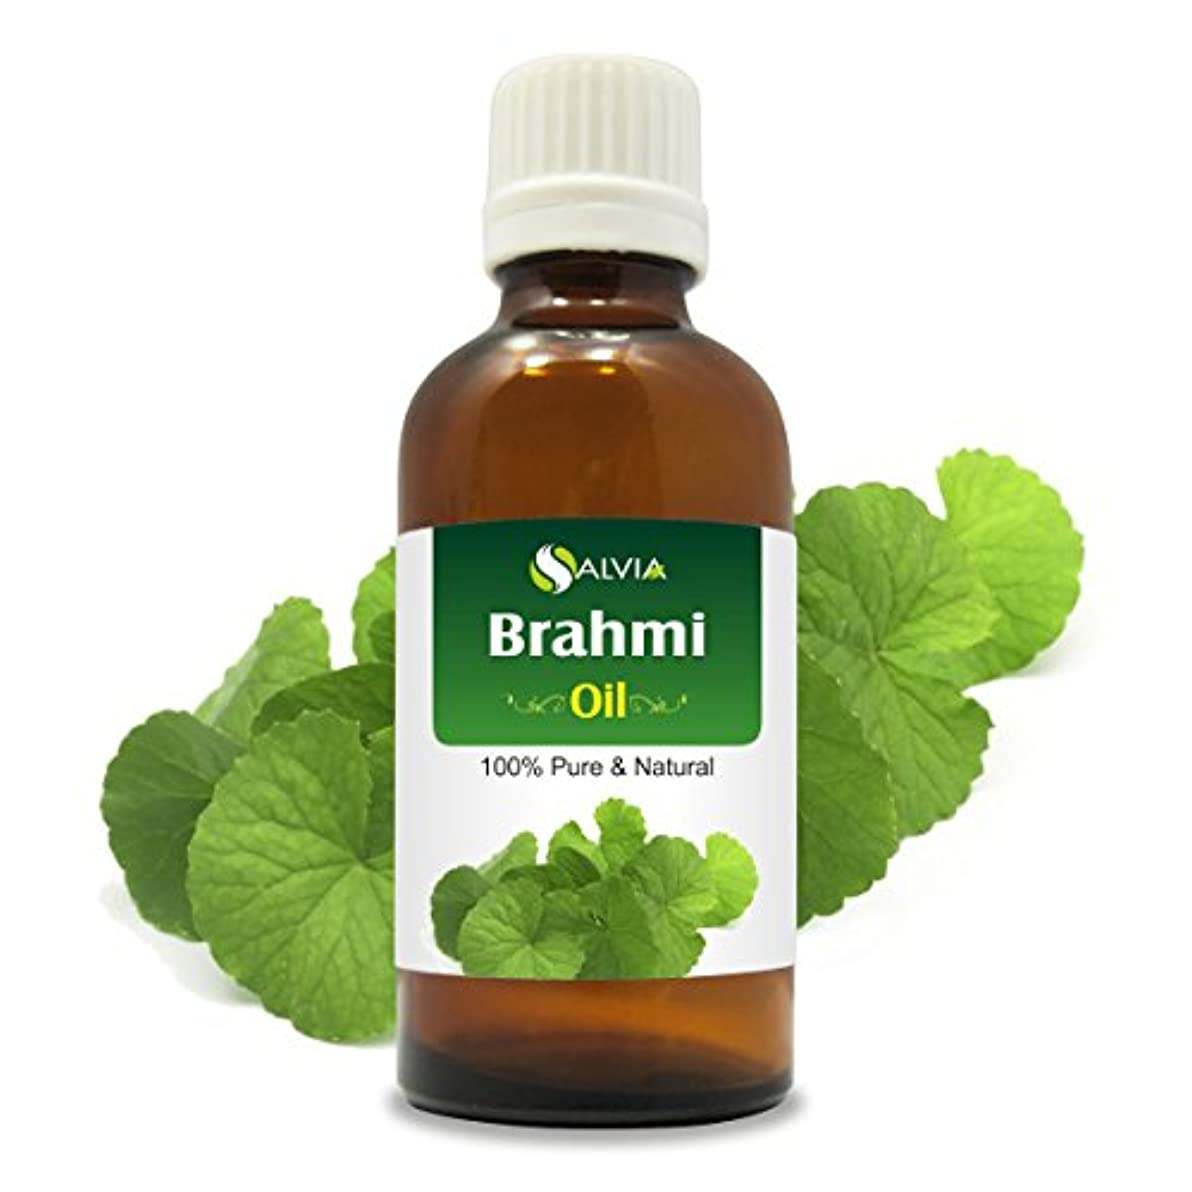 ストリーム踊り子気分が良いBRAHMI OIL 100% NATURAL PURE UNDILUTED UNCUT OIL 30ML